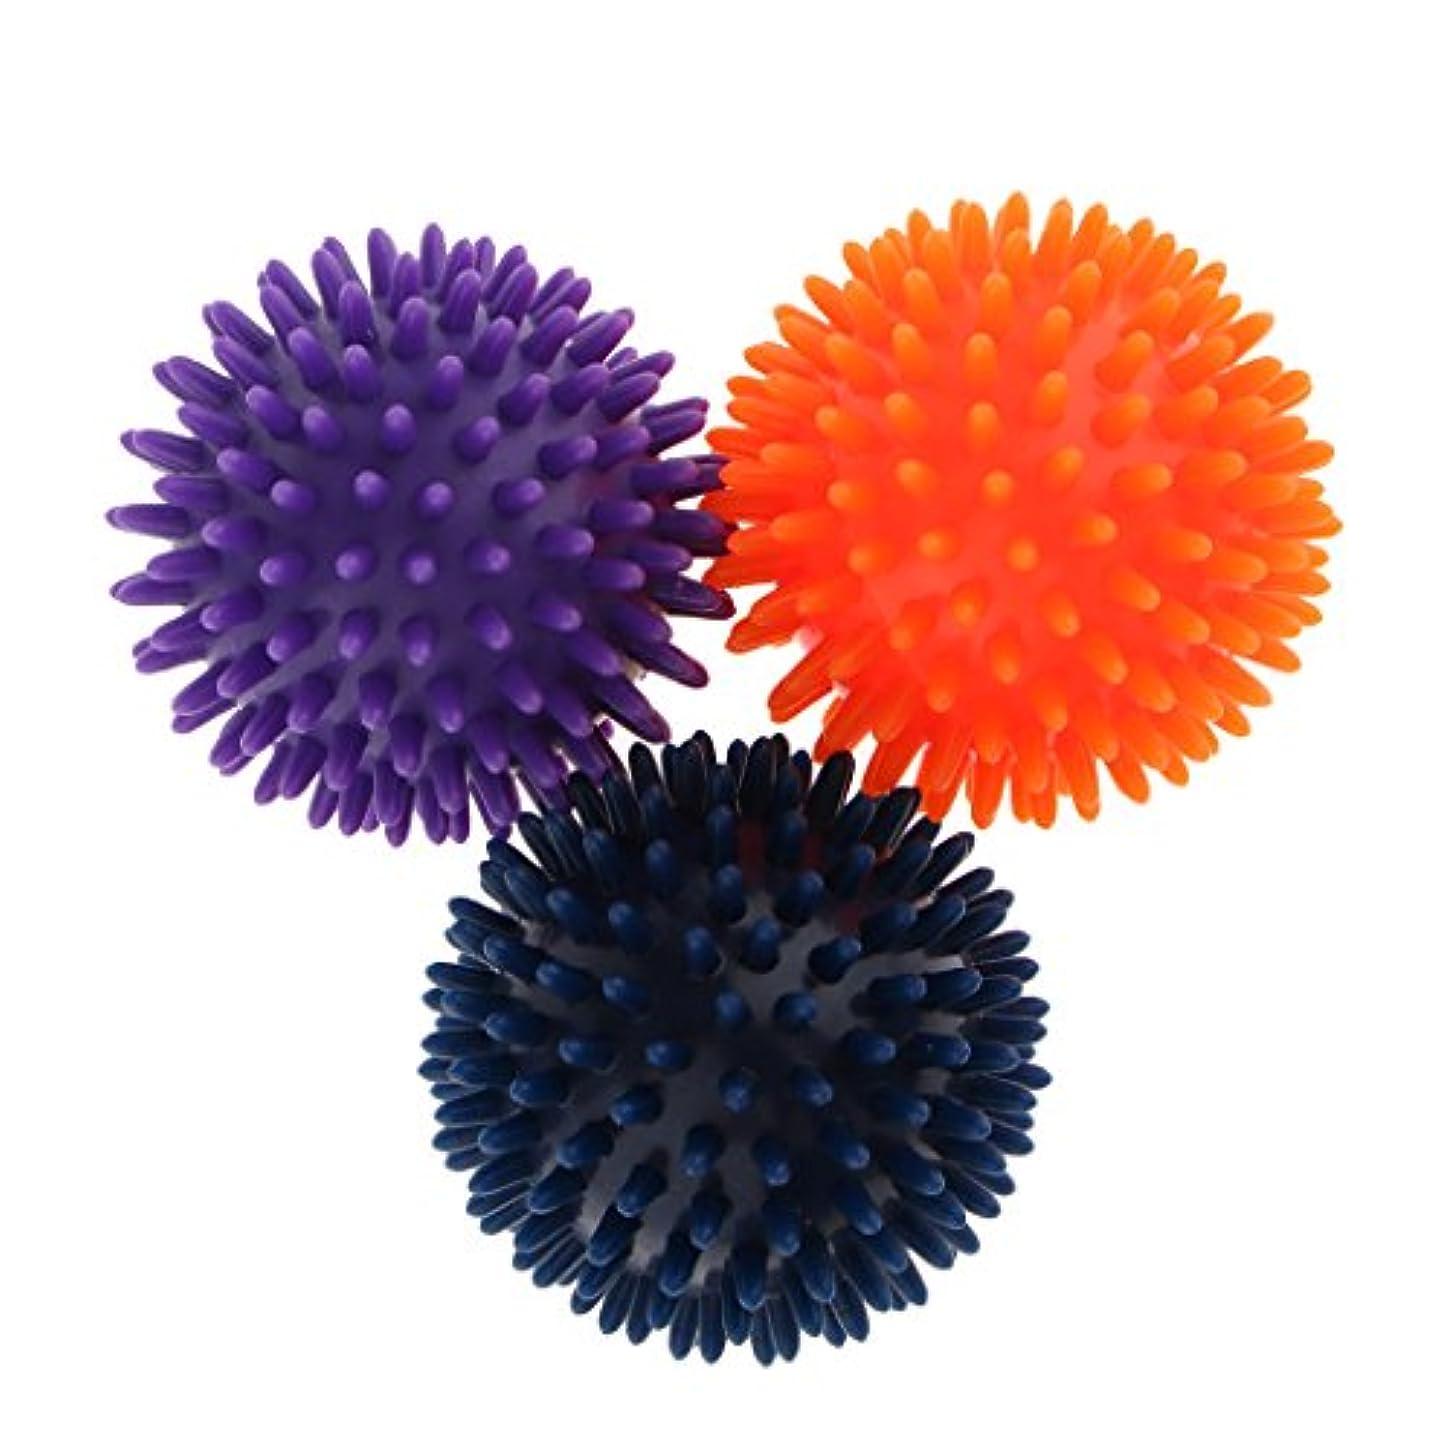 解凍する、雪解け、霜解け連邦統治可能マッサージボール スパイシー マッサージ ボディトリガー リラックス 3個セット 2タイプ選べ - パープルオレンジブルー, 8cm